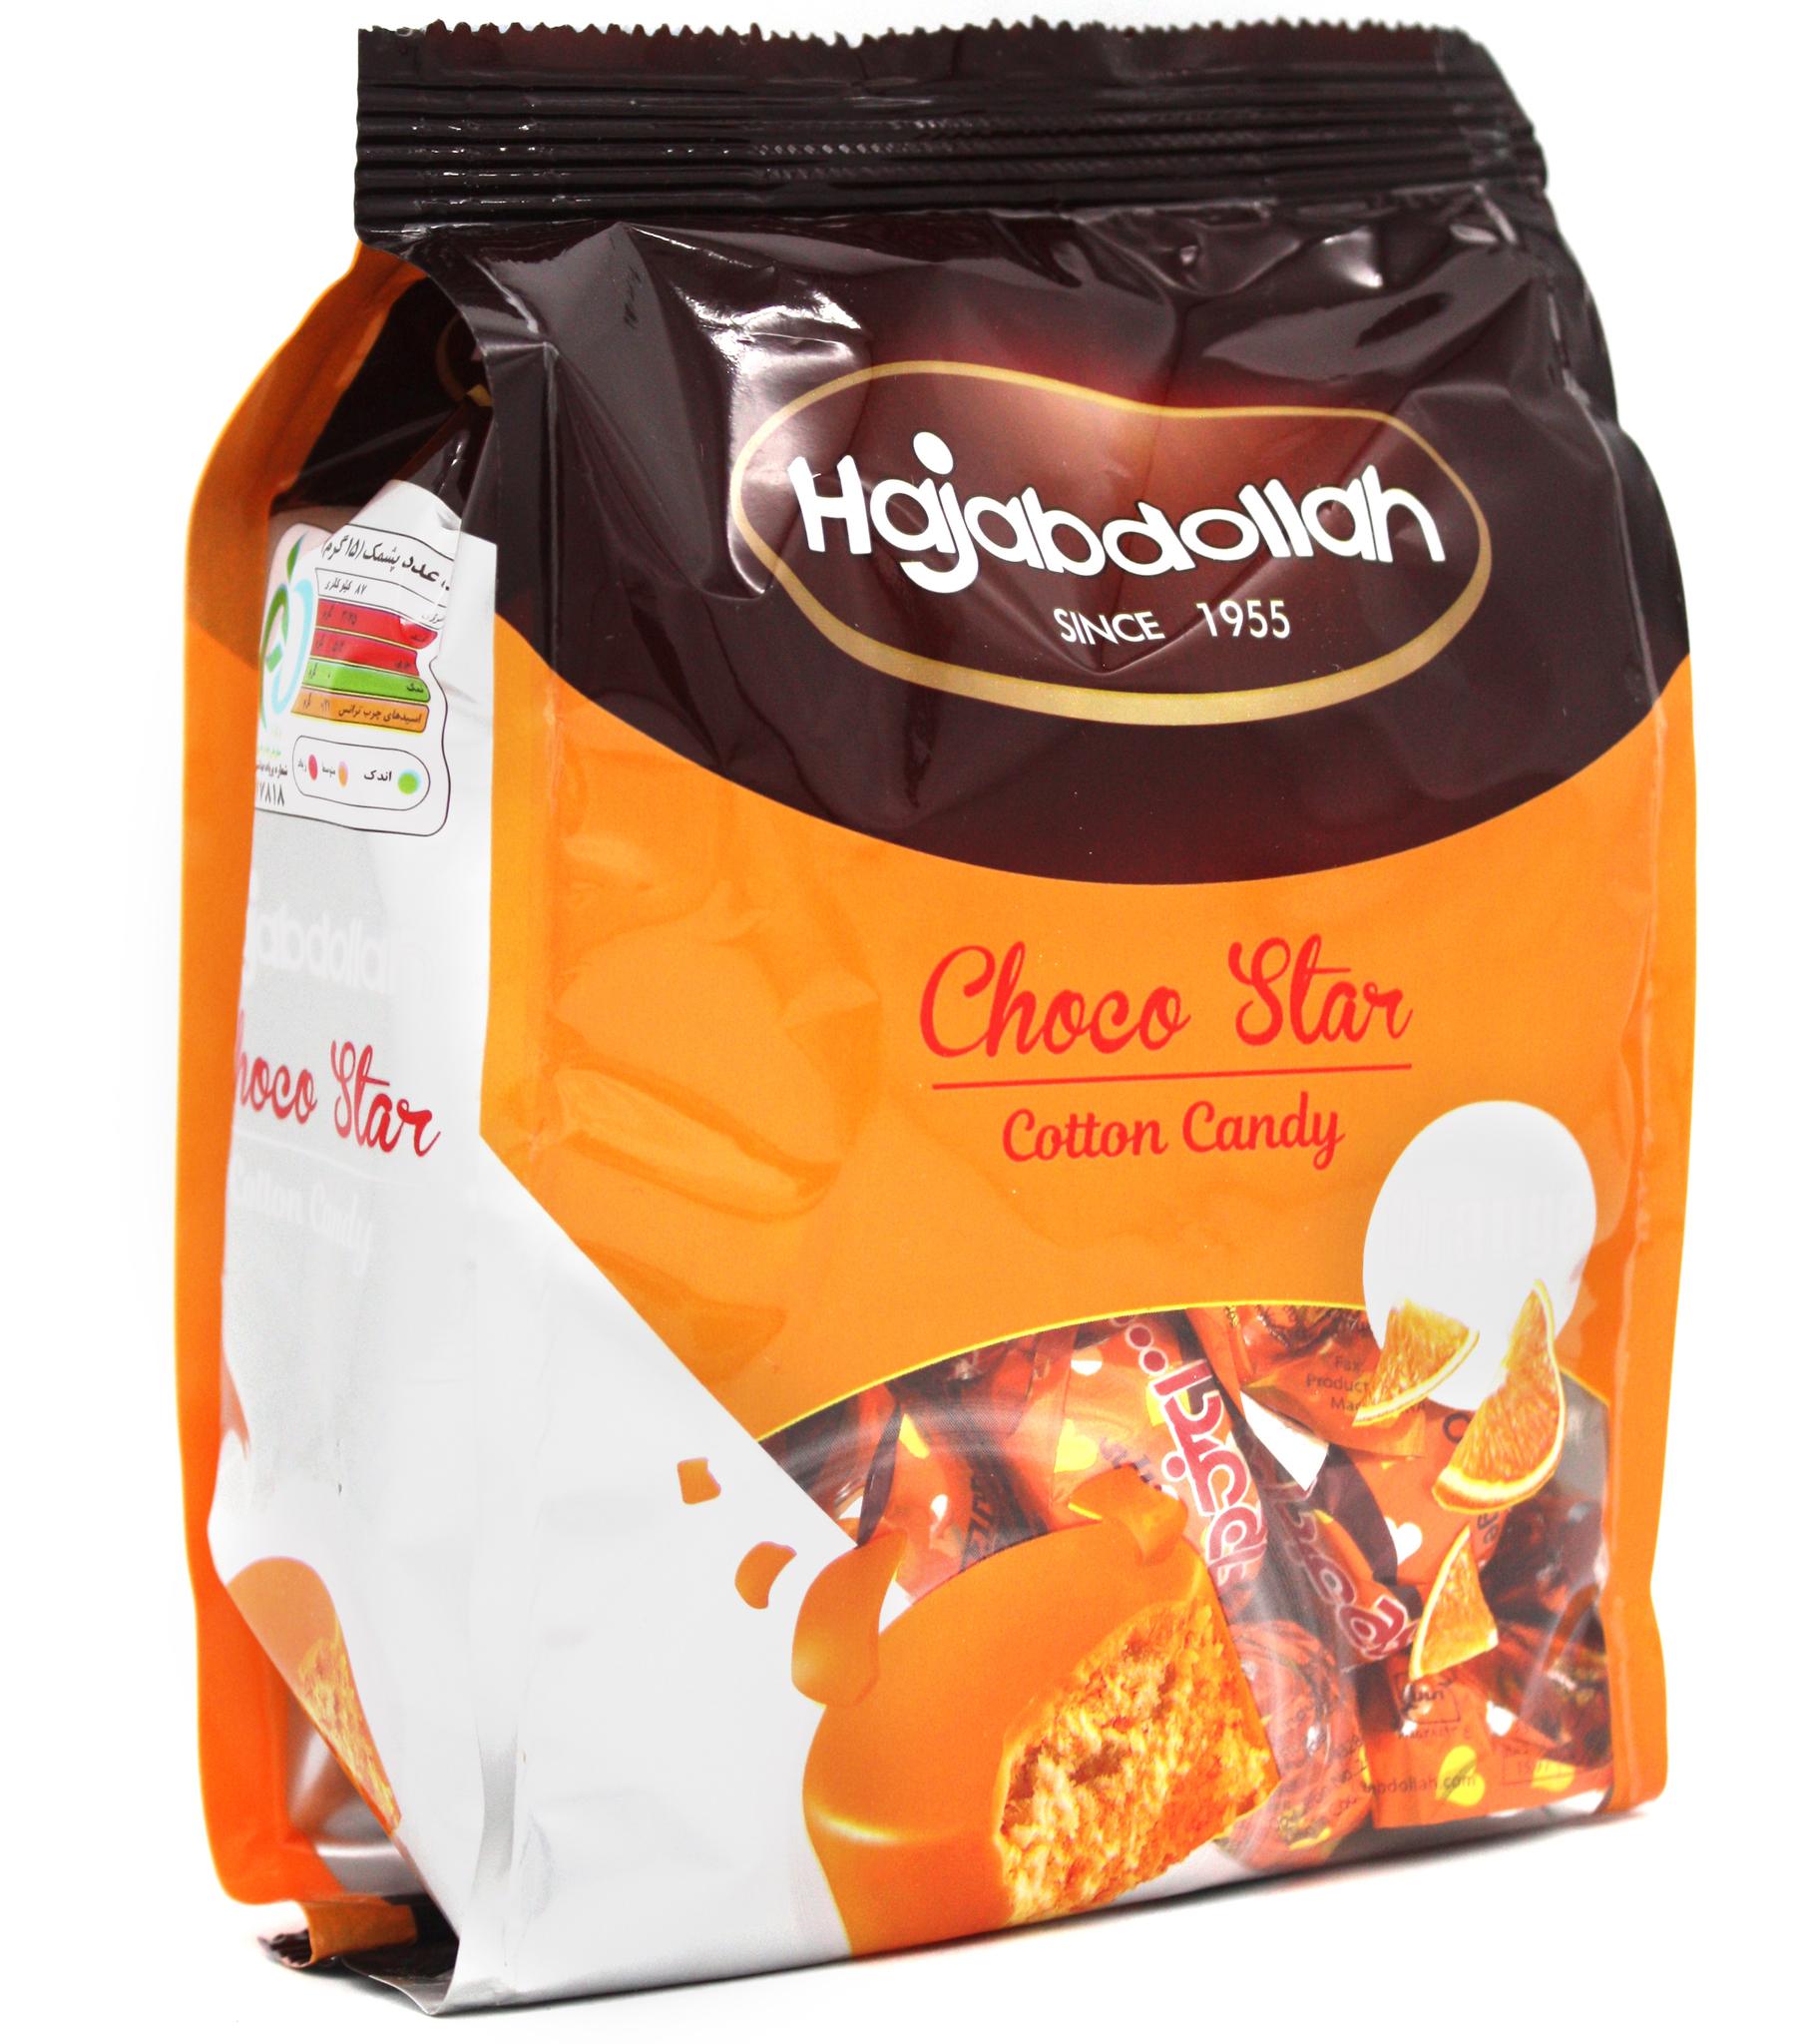 Hajabdollah Пишмание со вкусом апельсина во фруктовой глазури Choco Star, Hajabdollah, 180 г import_files_24_24830aefbf3911e9a9b1484d7ecee297_a7debf65db7611e9a9b6484d7ecee297.jpg